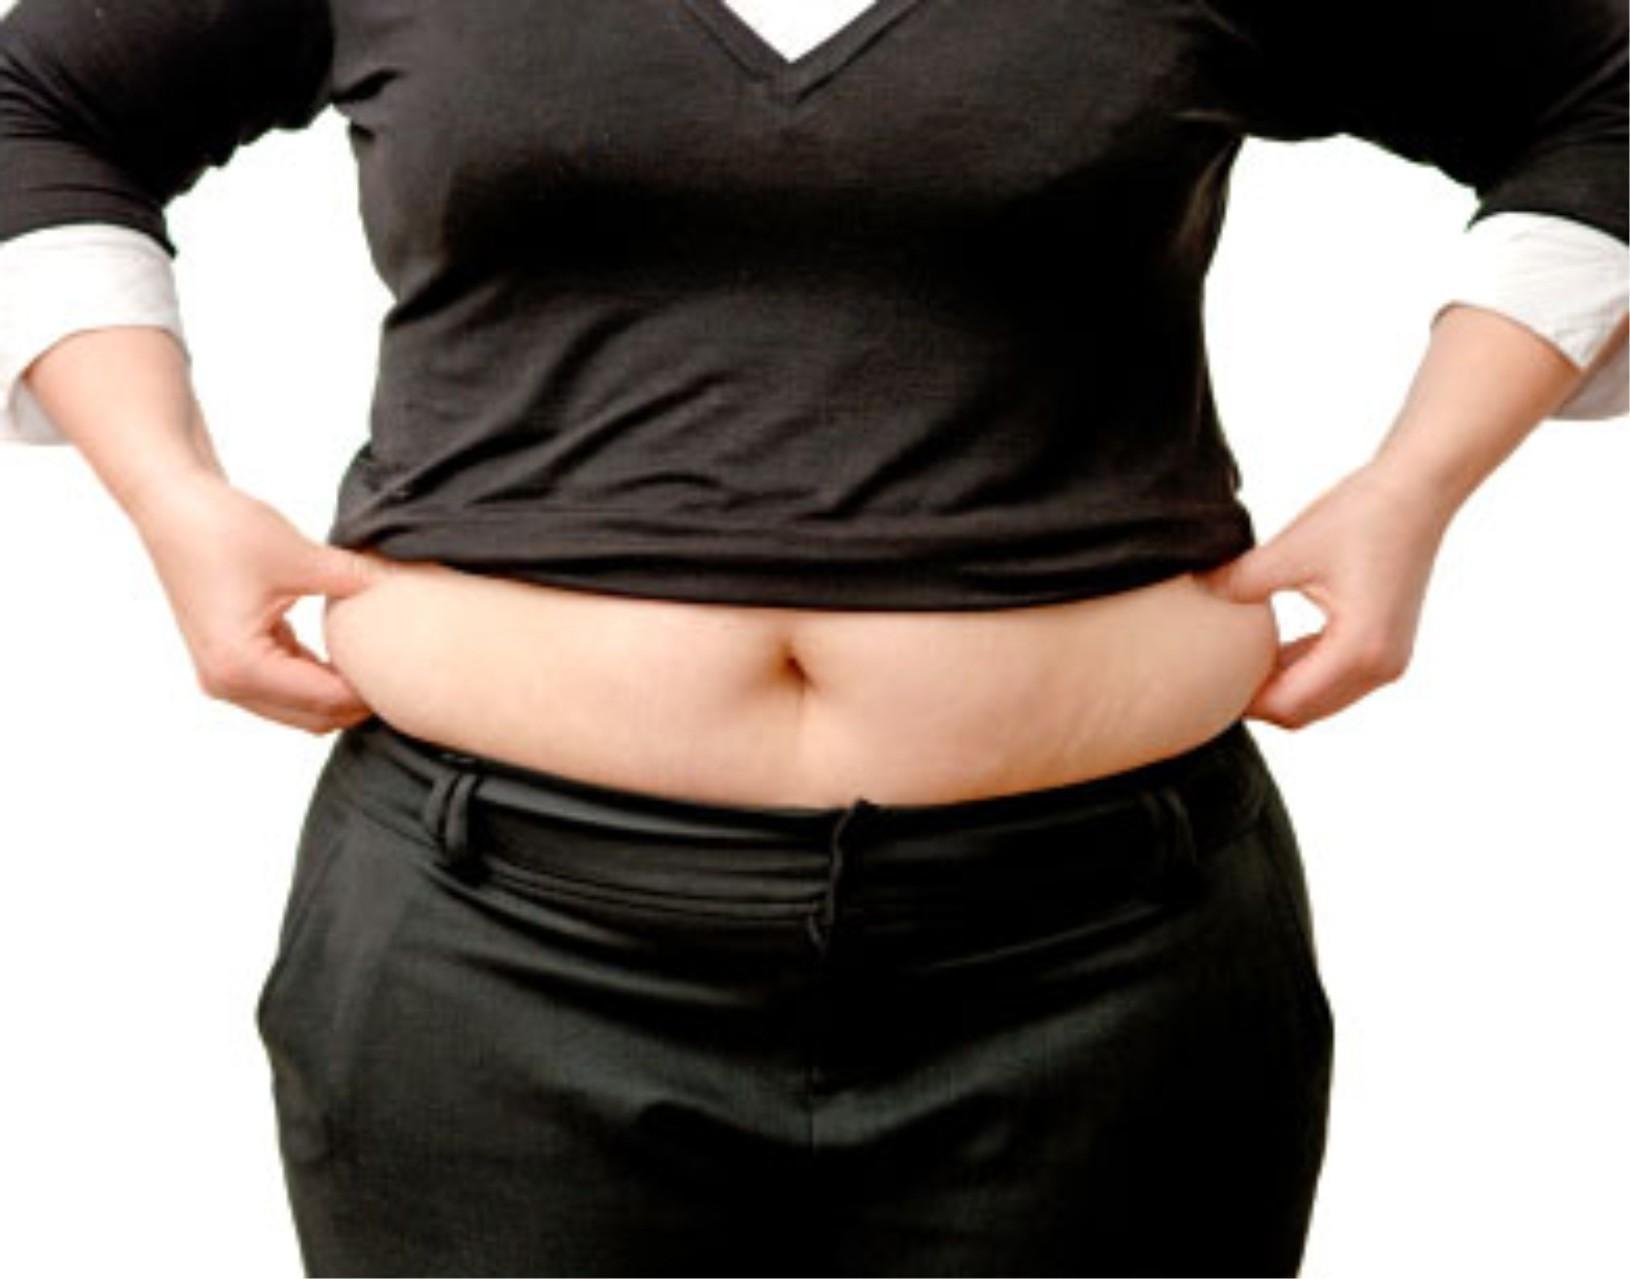 Novo Tratamento TOGA (Gastroplastia Transoral) Contra a Obesidade